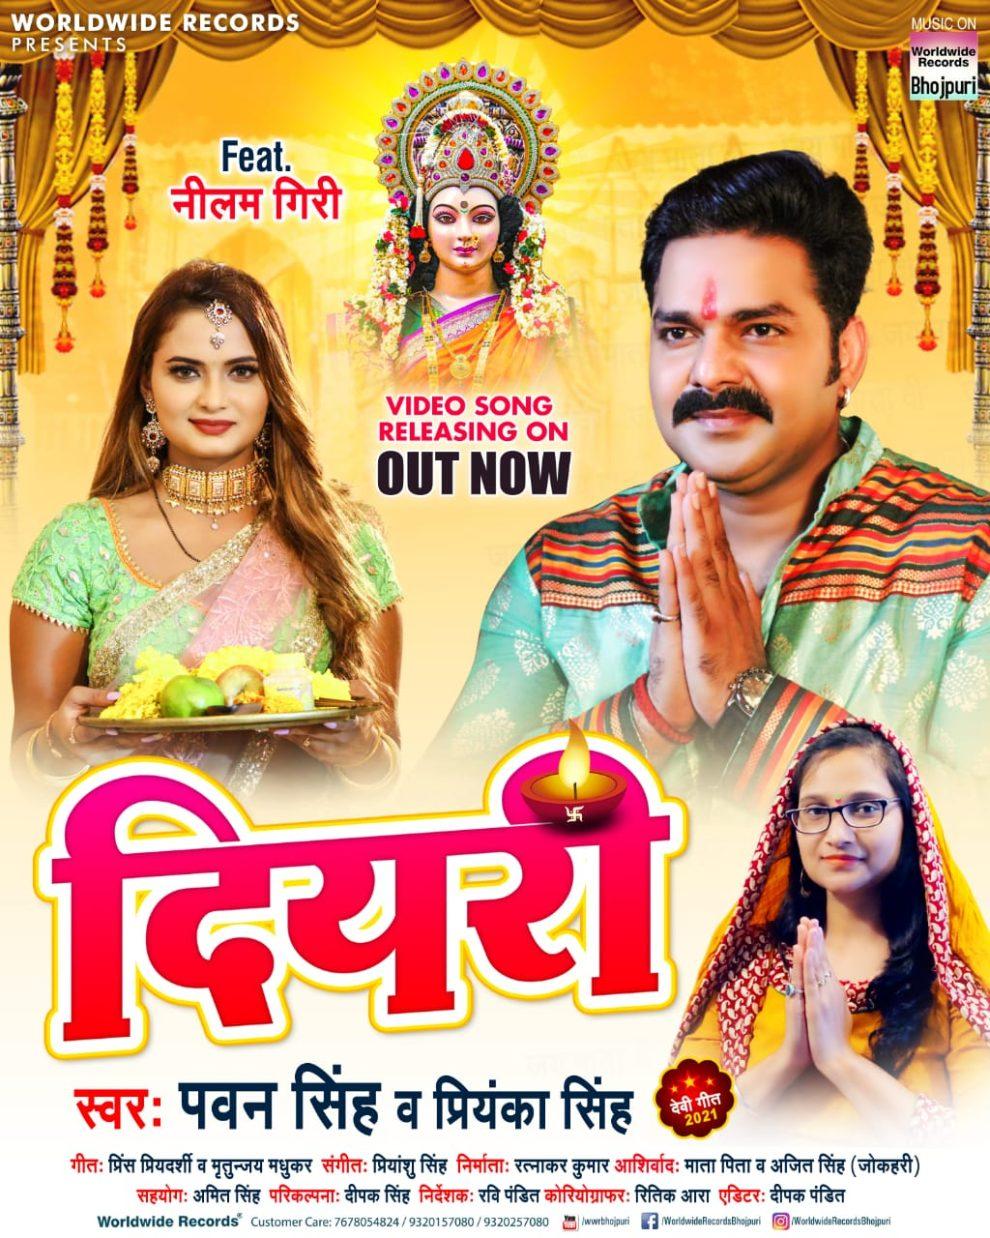 'दियरी' देवी गीत में दिखा पवन सिंह का मस्ती भरा अंदाज, नीलम का भी चला जादू